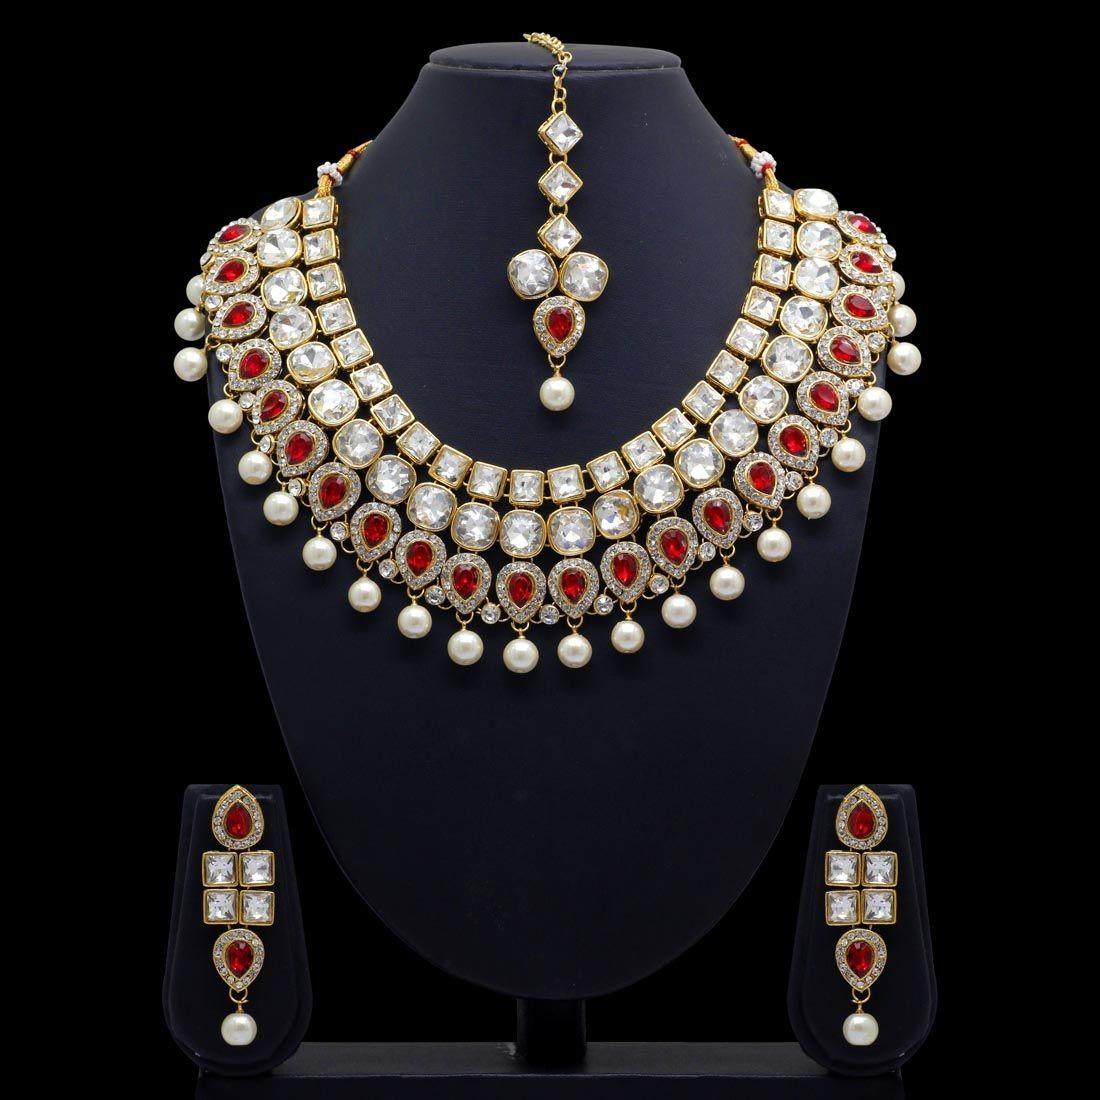 Conjunto cristales brillantes y piedras rojas